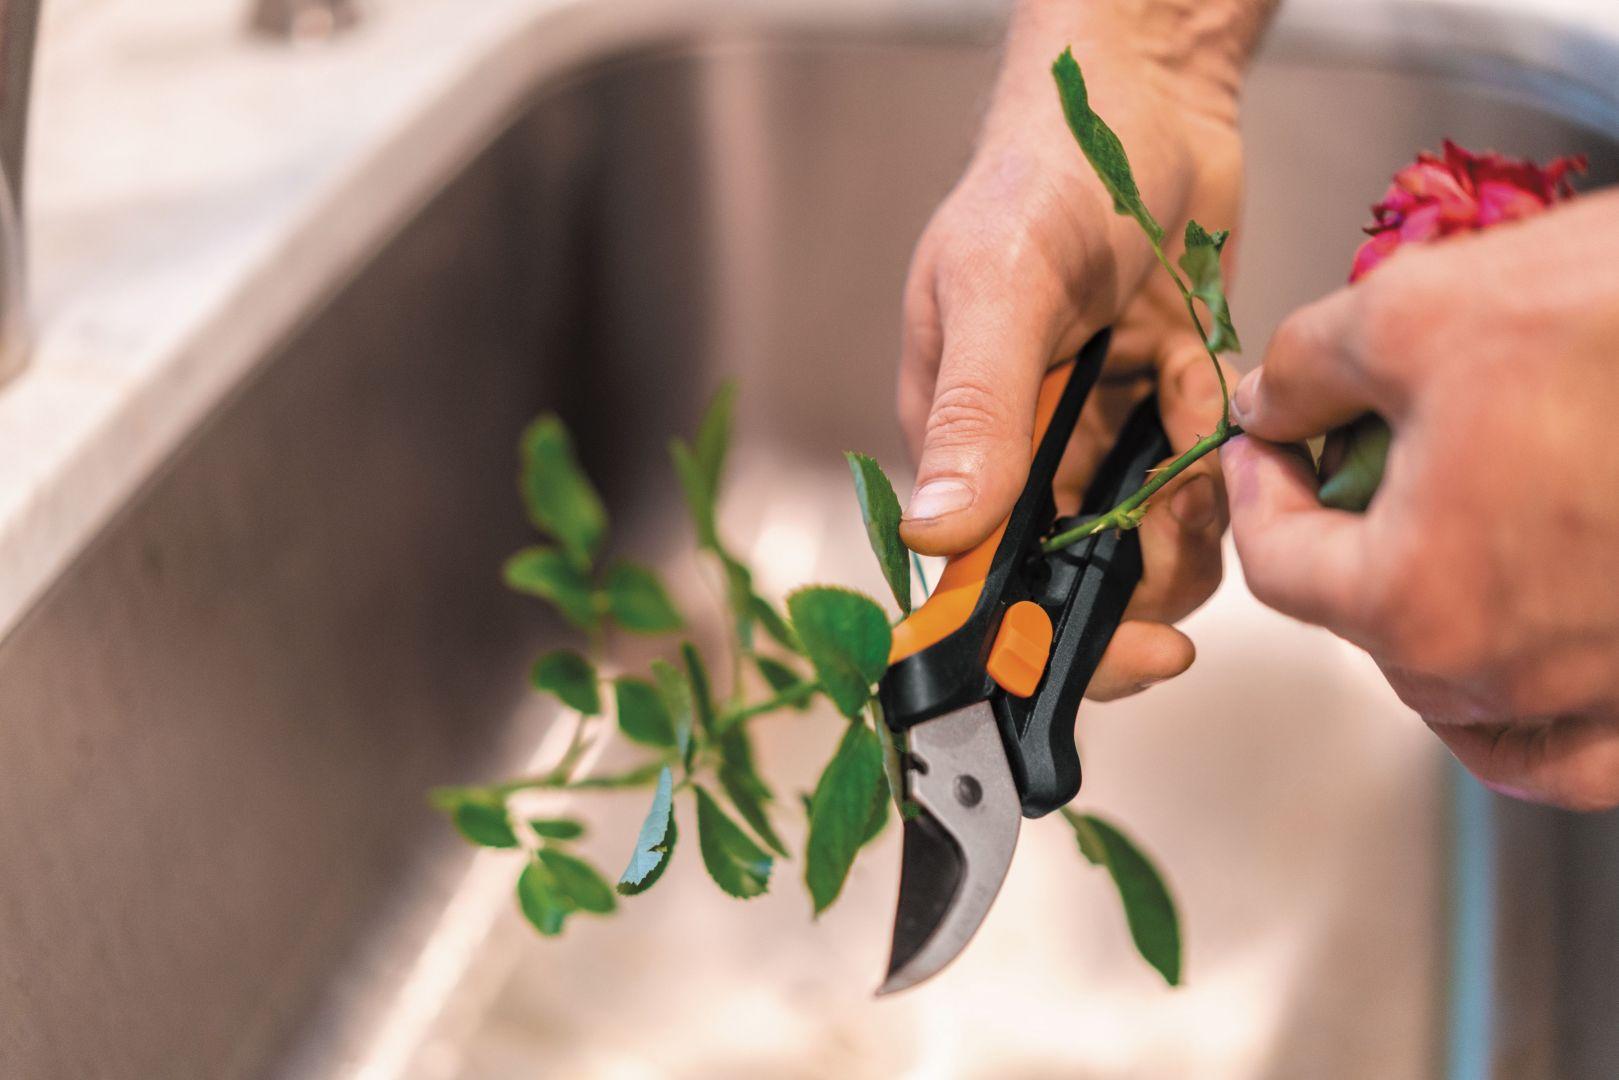 Sekator do kwiatów SP14 SolidTM został wyposażony w specjalny otwór do oczyszczania łodyg i pomoże nam pozbyć się liści i kolców. Dostępny w ofercie firmy Fiskars. Cena: ok. 35 zł. Fot. Fiskars